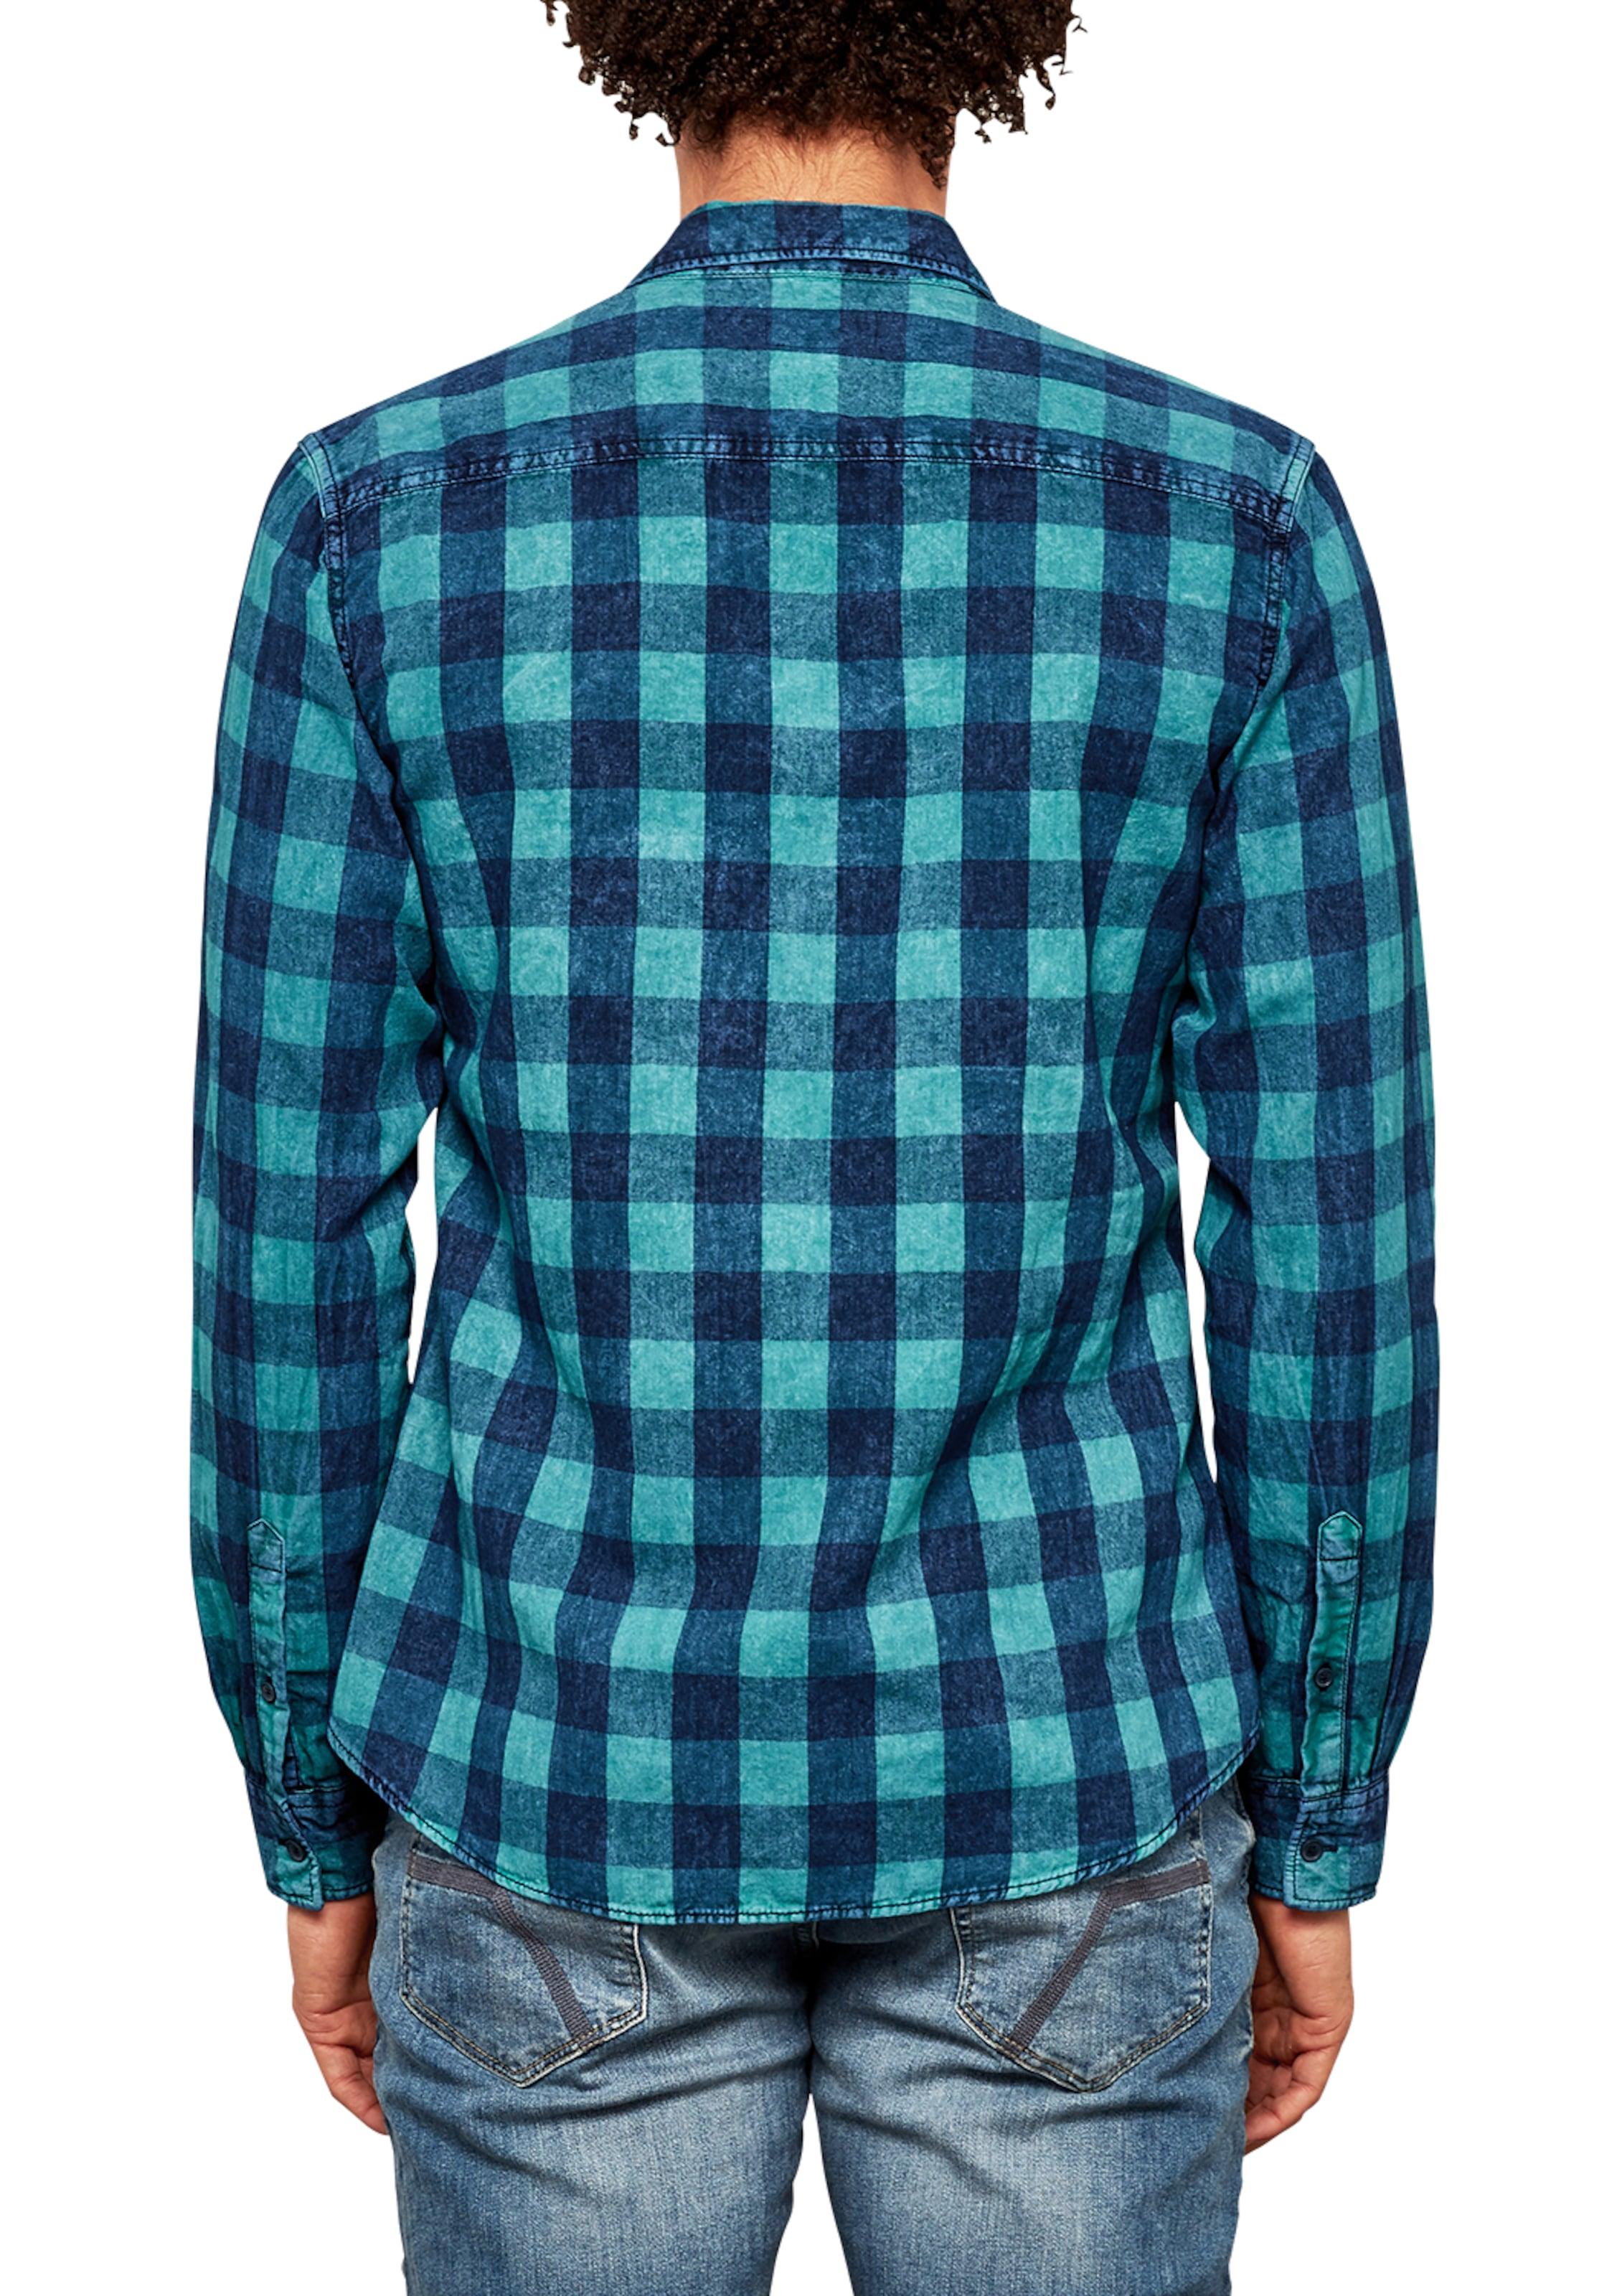 Verkauf Offizielle Freies Verschiffen Footaction Q/S designed by Extra Slim: Hemd mit Karomuster Rabatt In Deutschland Billig Verkauf Bester Platz llLu2lBoTo